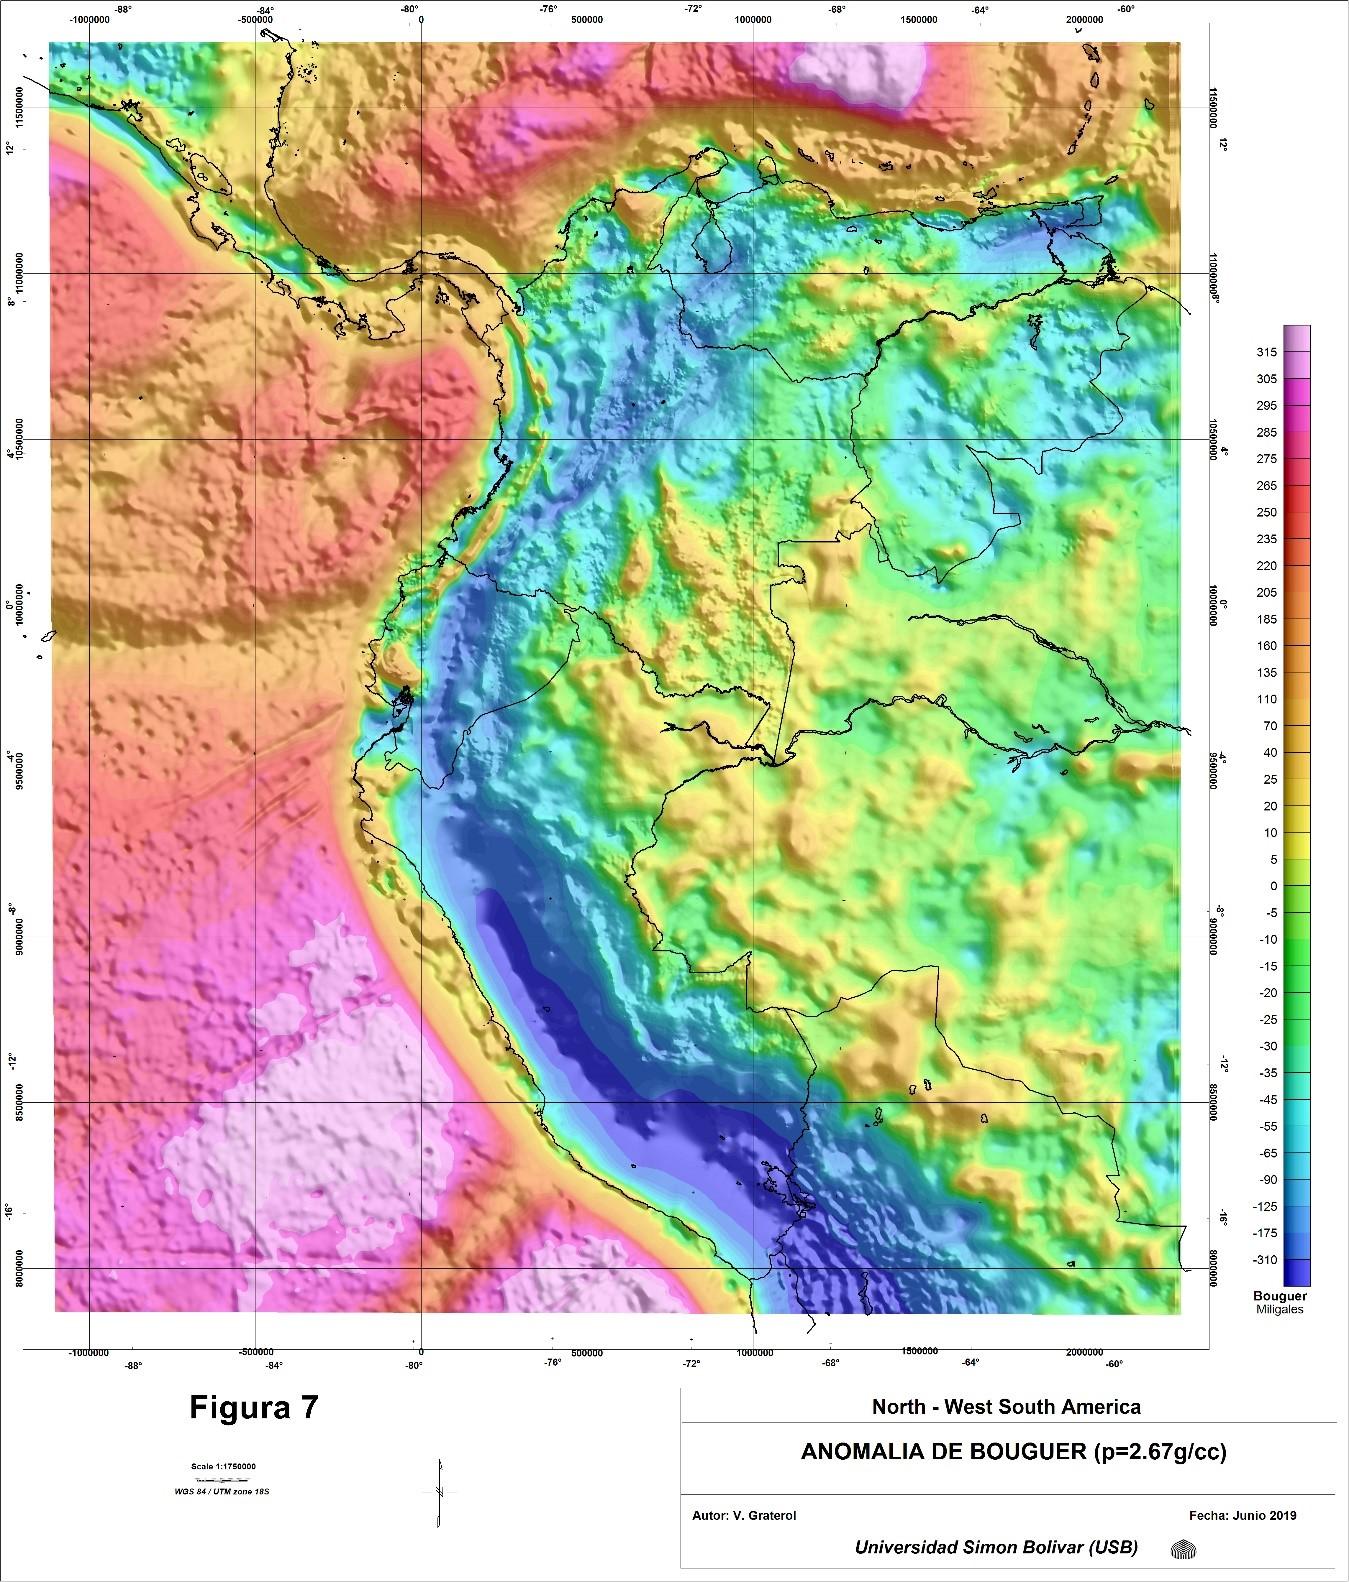 Interpretación de la base de datos gravimétricos y aeromagnéticos del noroeste de Sudamérica y área circundantes